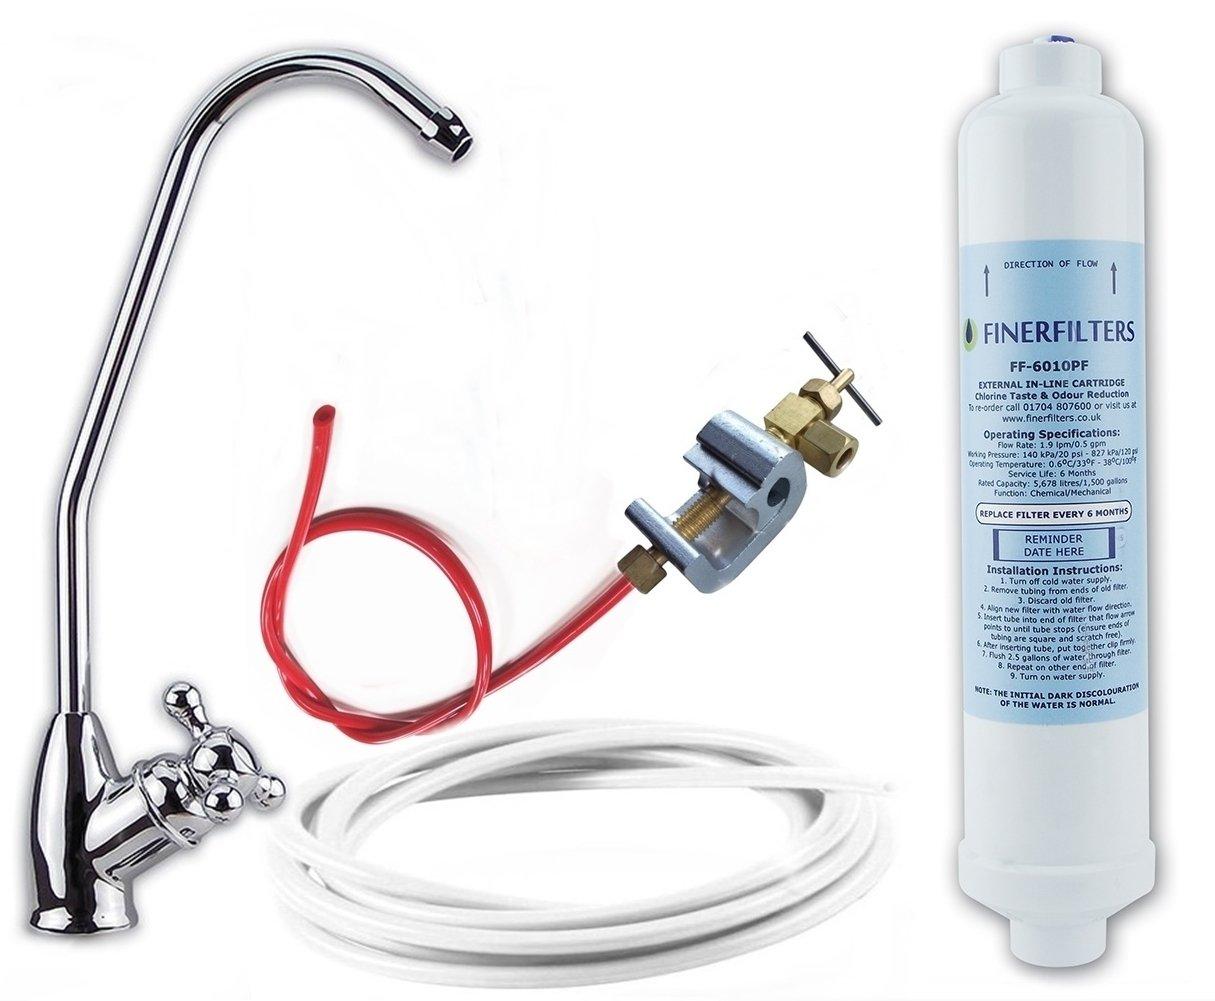 Finerfilters Système de filtration de l'eau, Profitez de cristal clair, délicieux et l'eau de parfum sur 24/7de robinet avec Deluxe Bobble Pied robinet